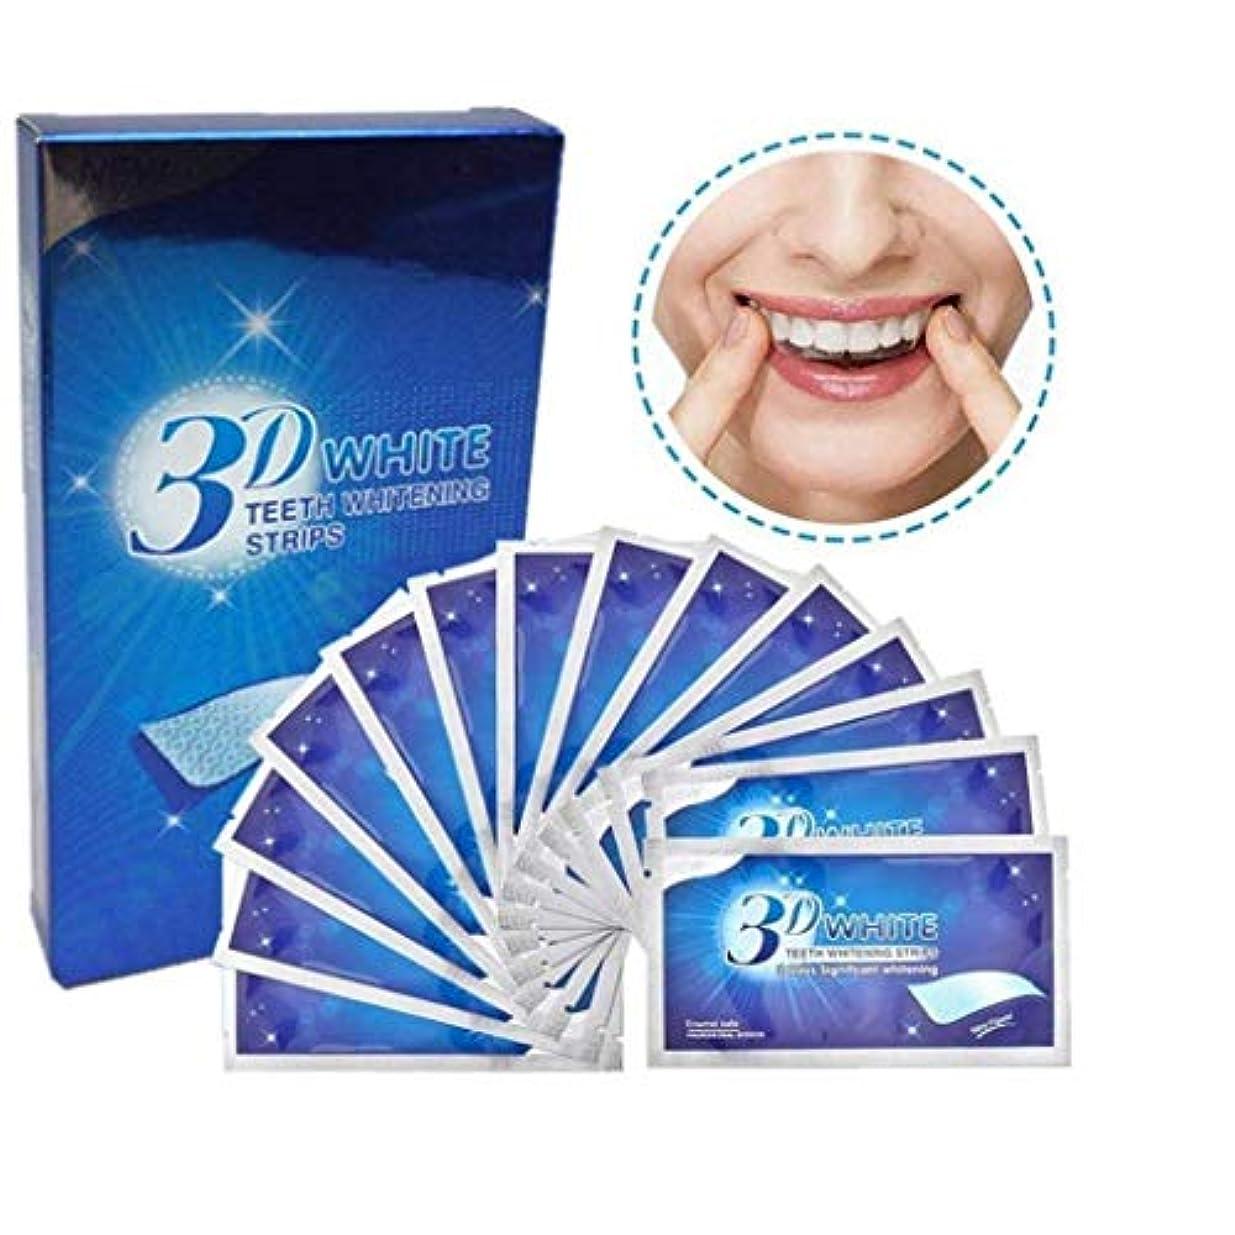 進化するゆるいスピン歯 美白 ホワイトニング マニキュア 歯ケア 歯のホワイトニング 美白歯磨き 歯を白 ホワイトニングテープ 歯を漂白 14セット/28枚